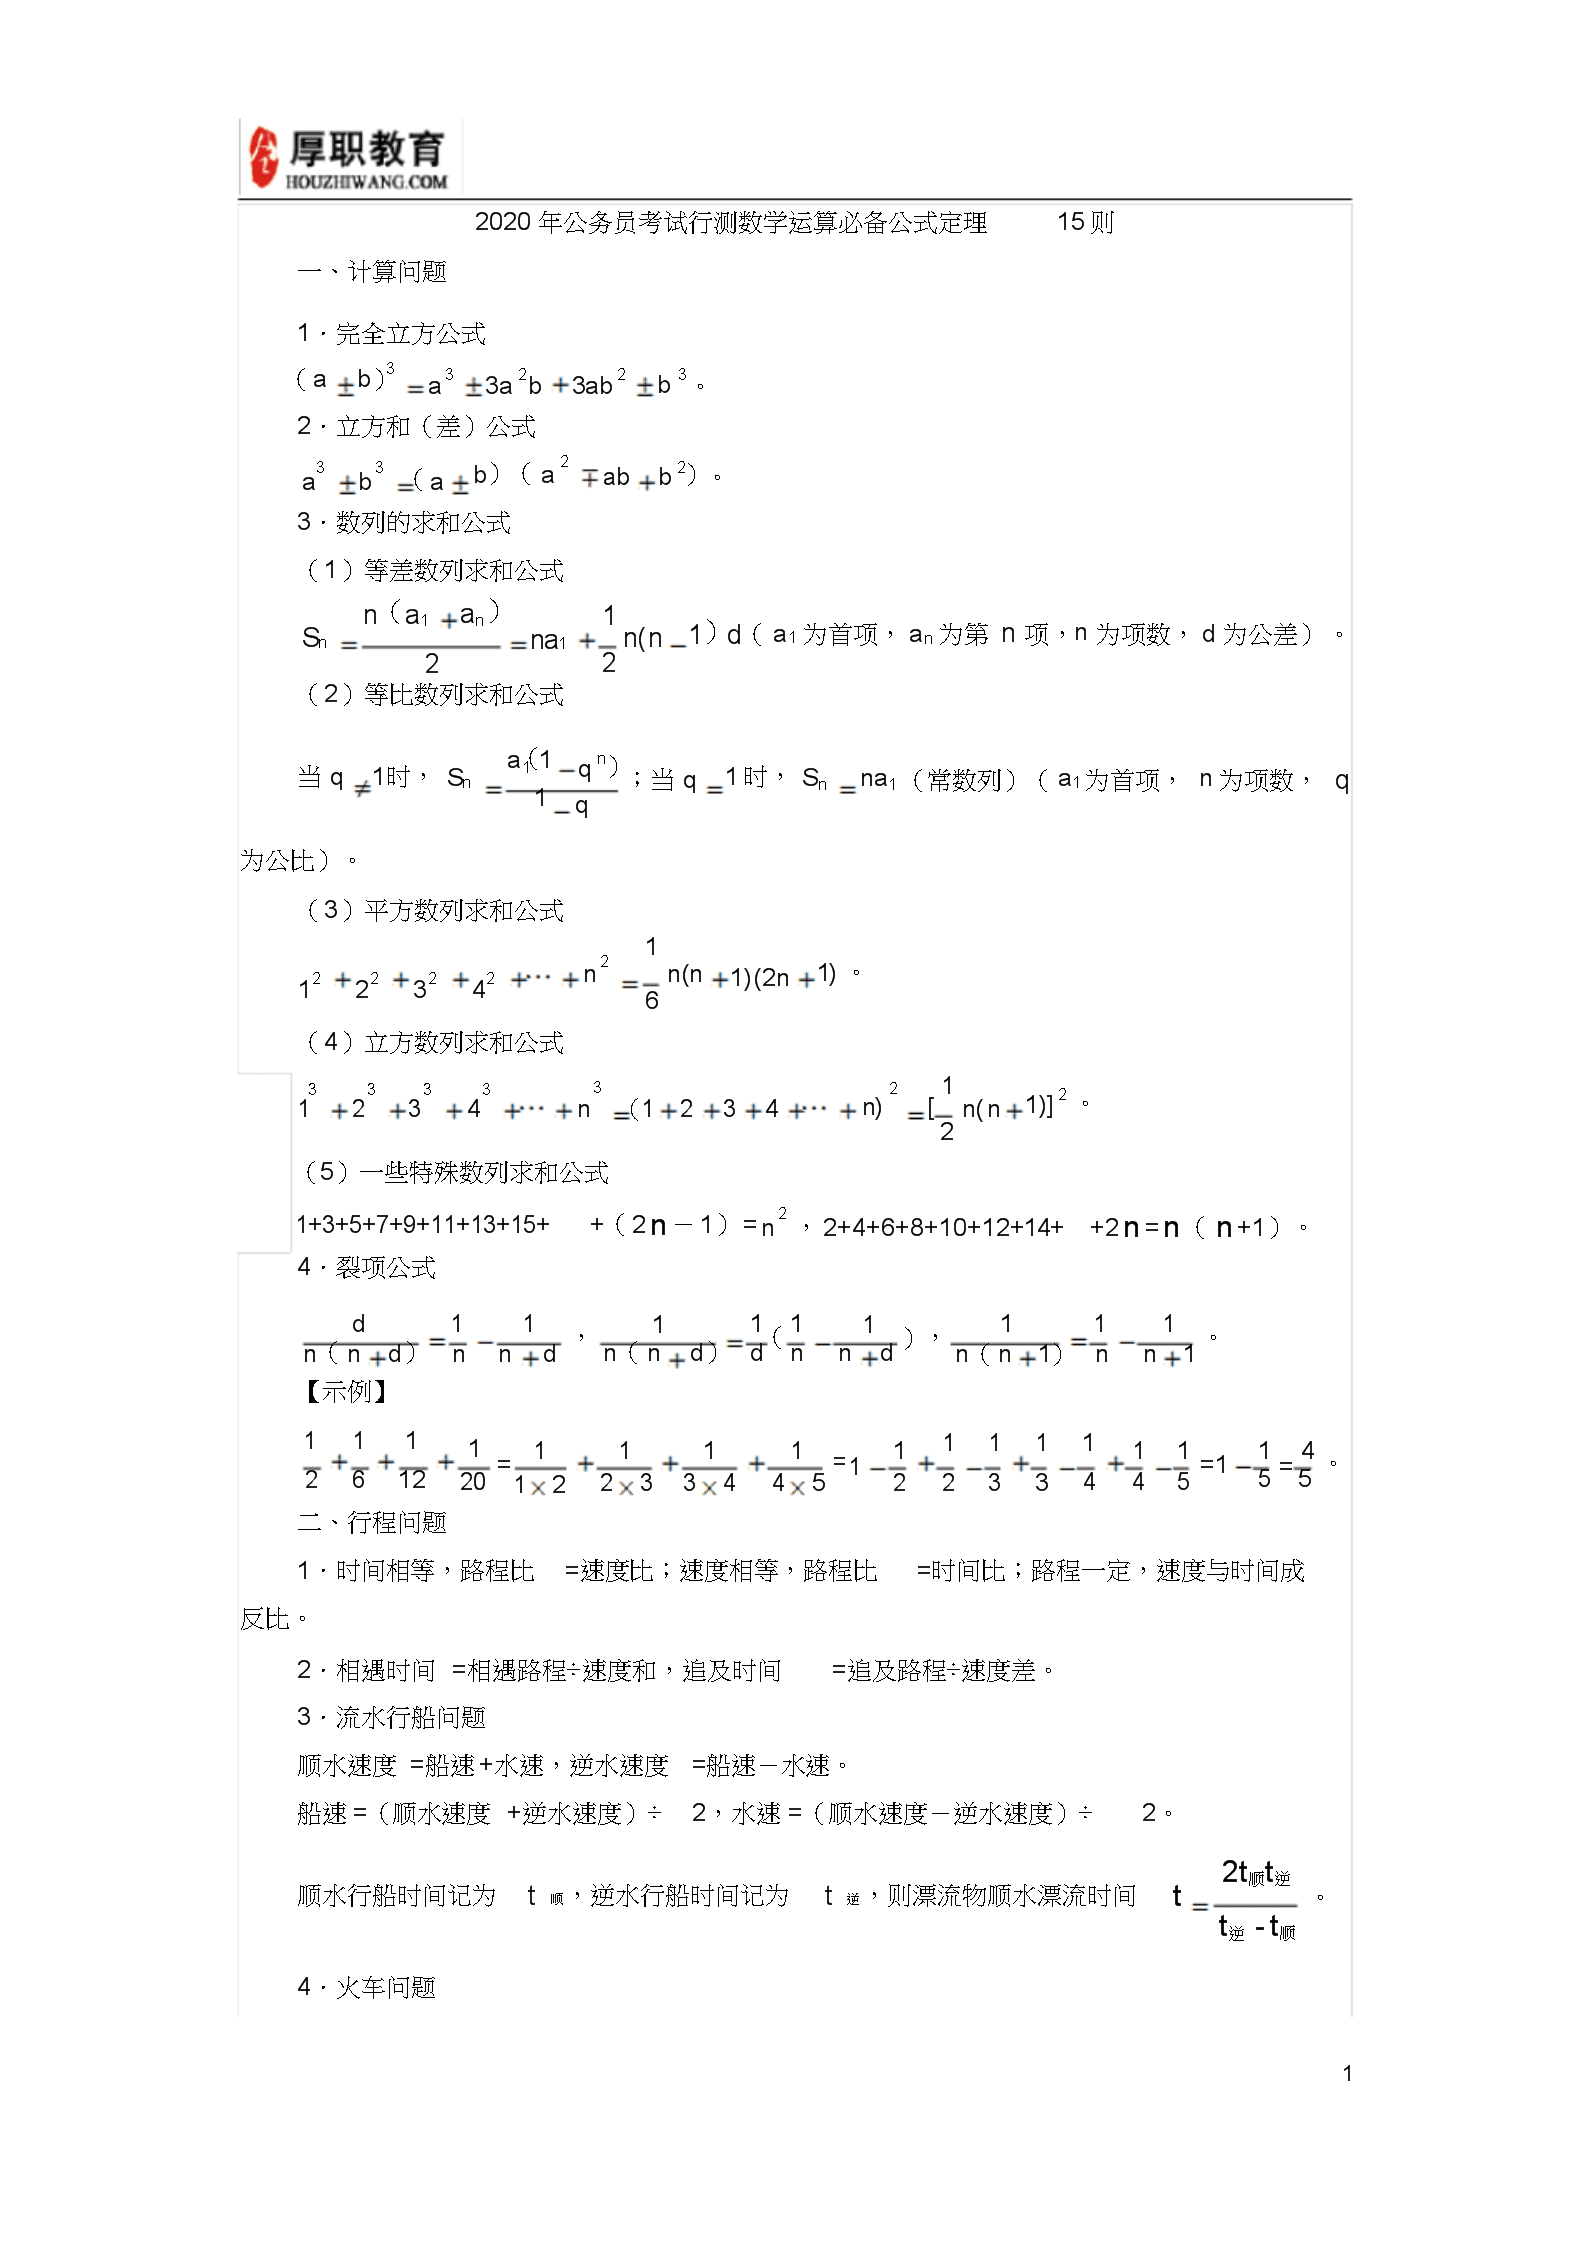 2020版2020年公务员考试行测数学运算必备公式定理15则.docx